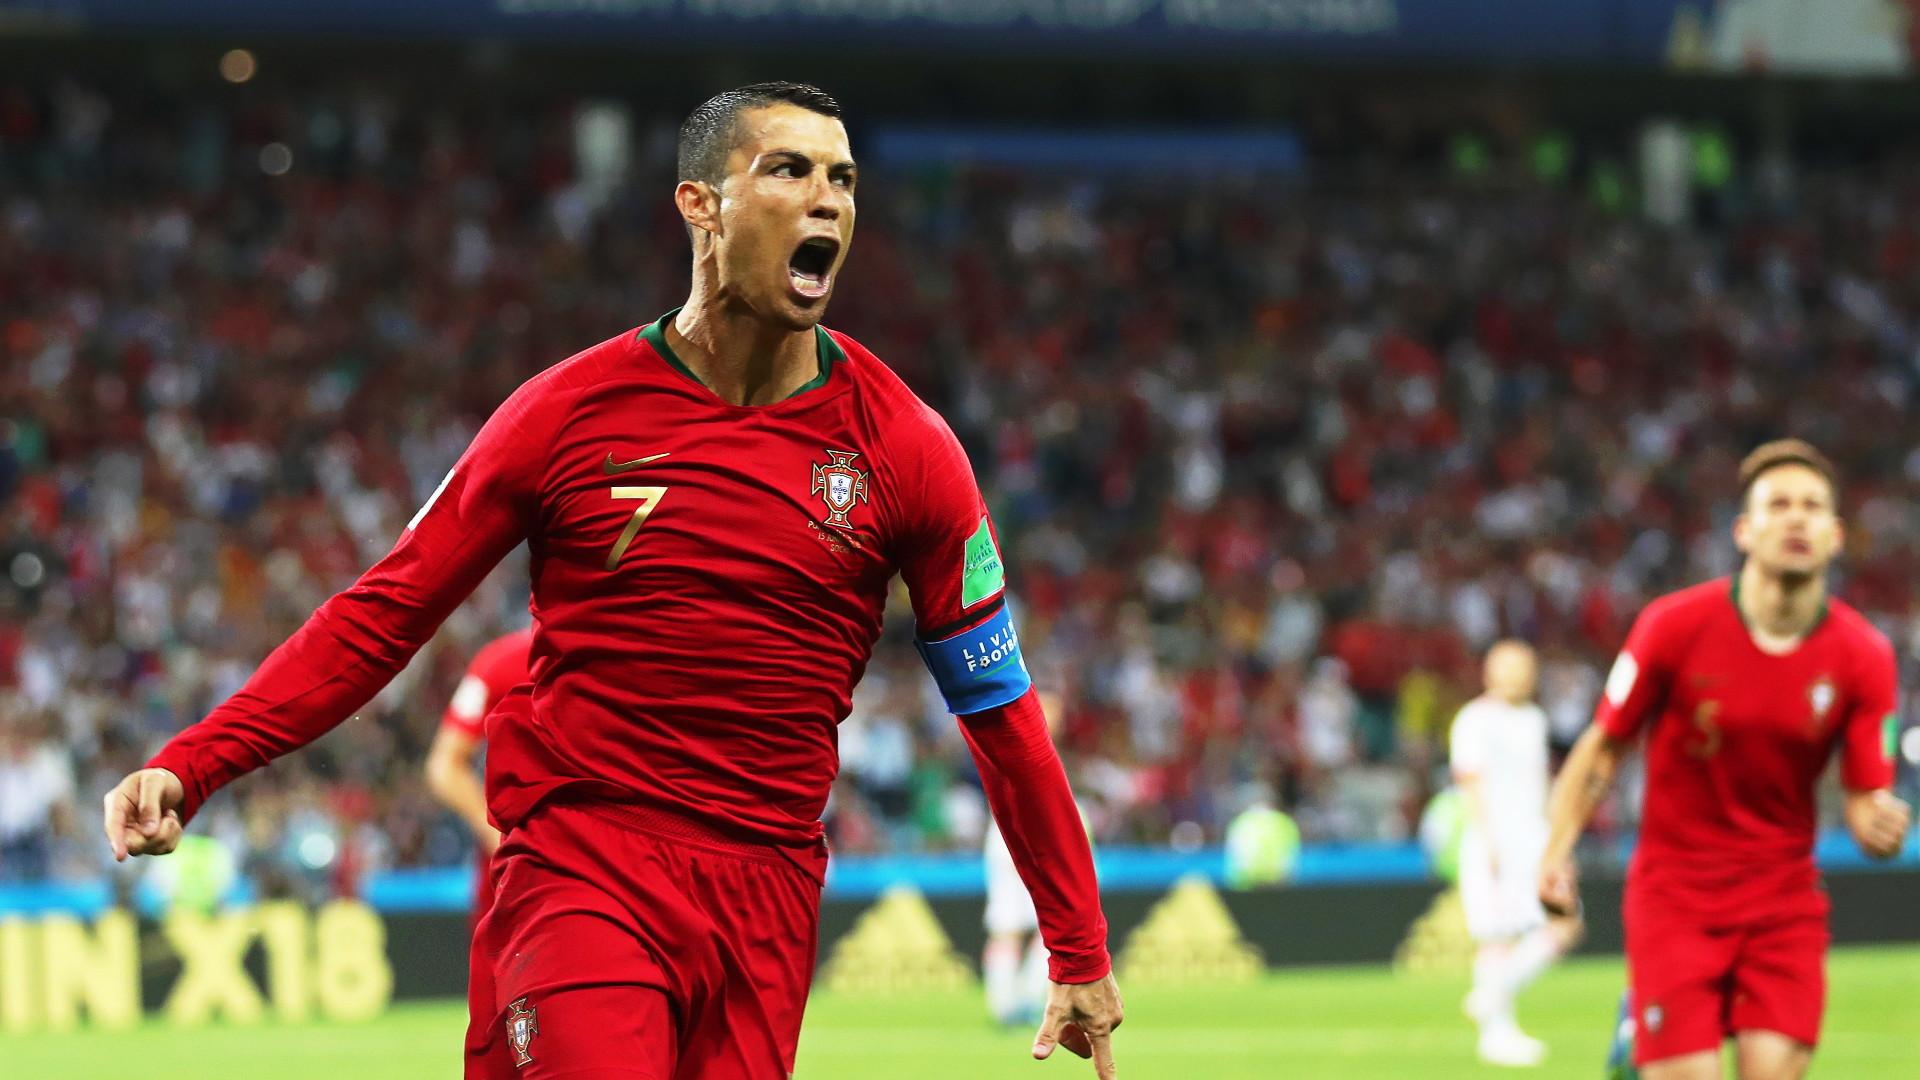 821a08b56 Rosja 2018: wielkie widowisko w Soczi. Hat-trick Ronaldo zapewnił ...